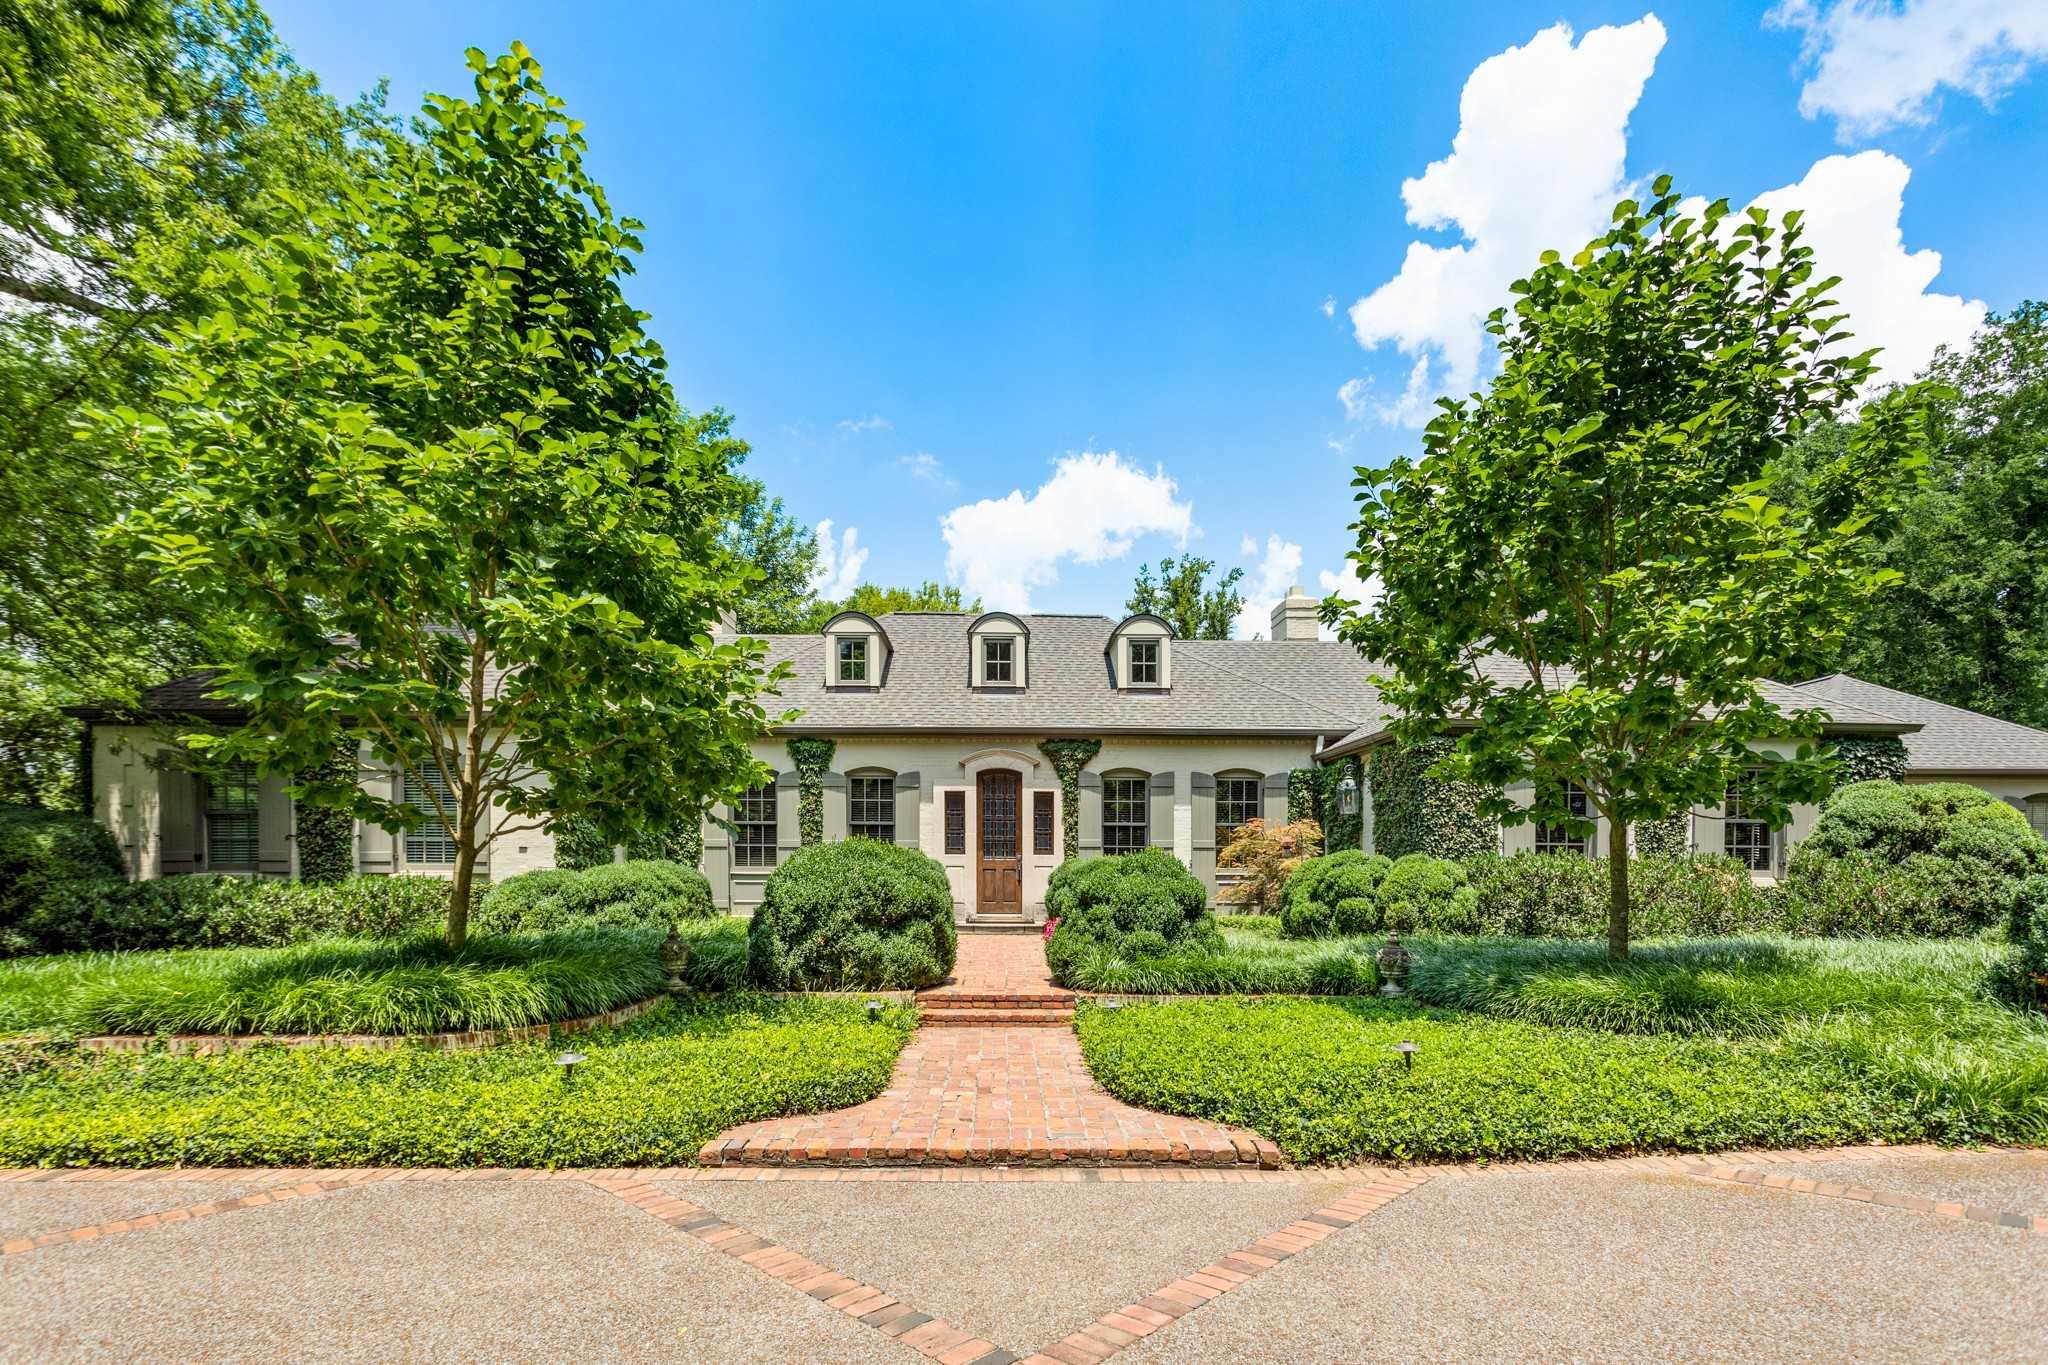 $2,950,000 - 4Br/6Ba -  for Sale in Belle Meade 1, Nashville